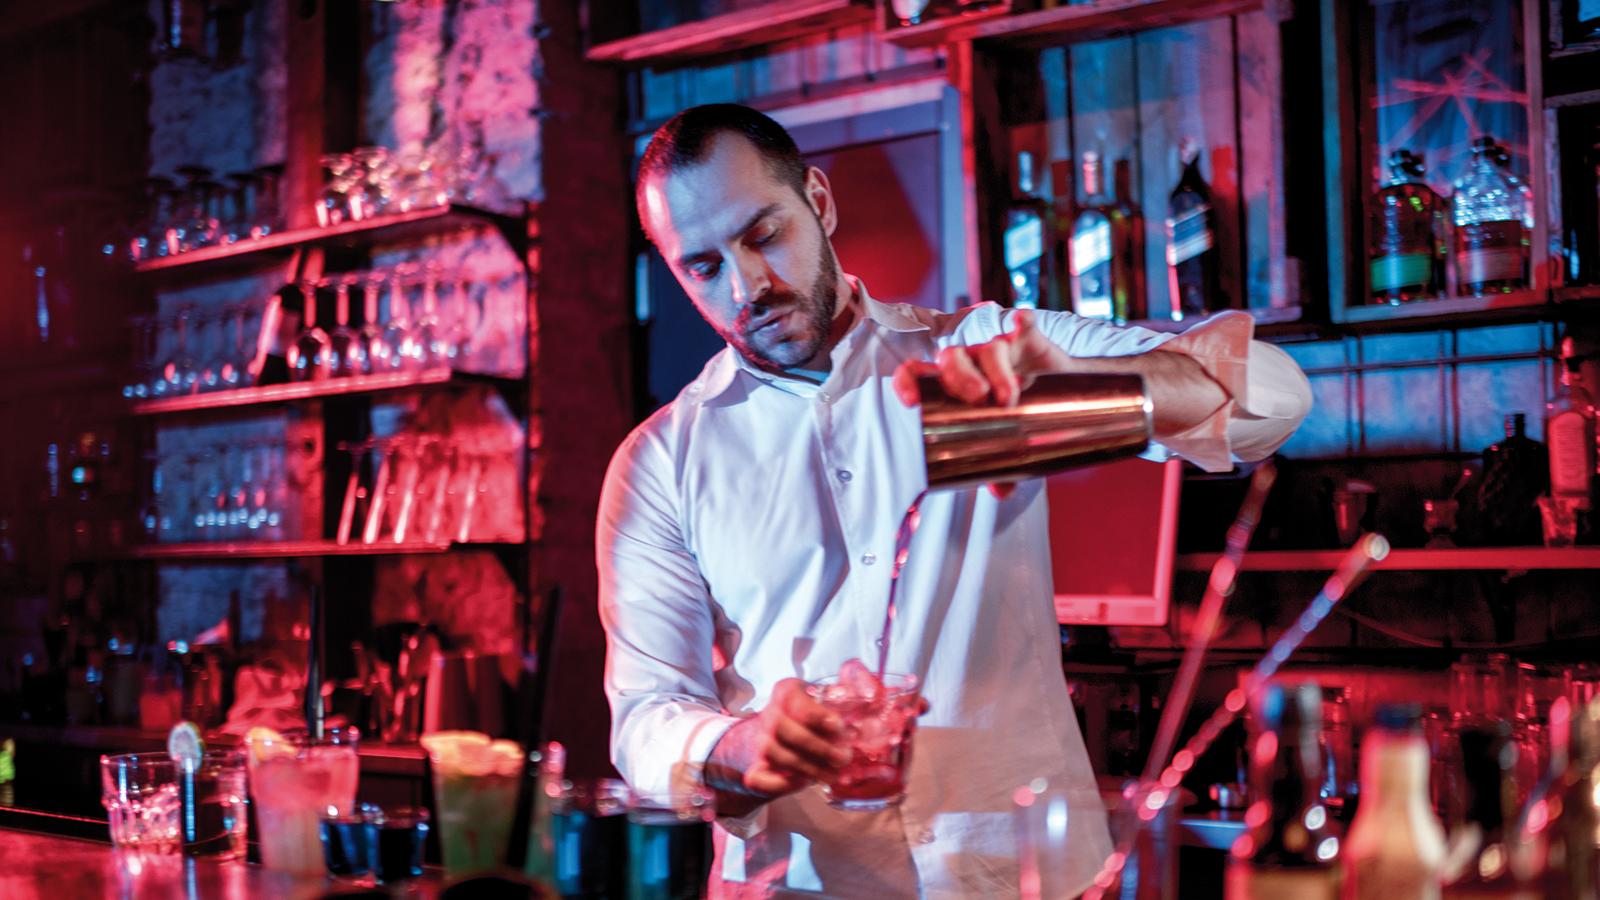 Barman-travail-de-nuit-